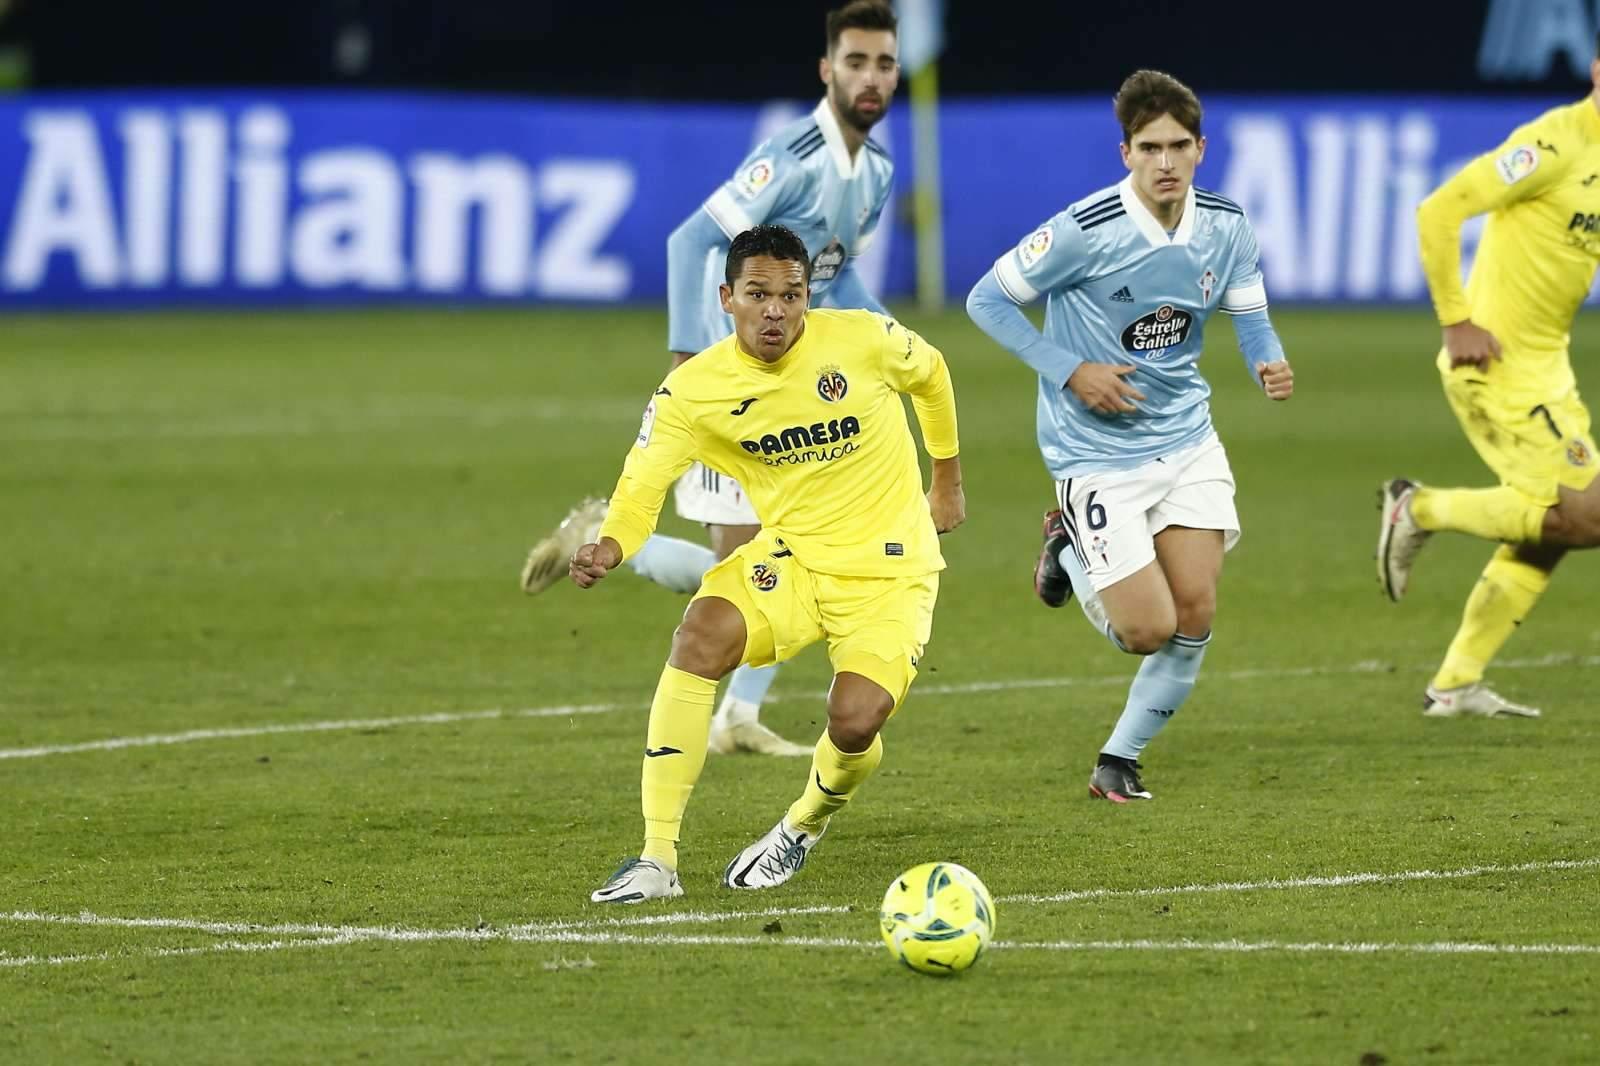 «Валенсия» без Черышева забила 4 мяча, «Вильярреал» уничтожил «Севилью»